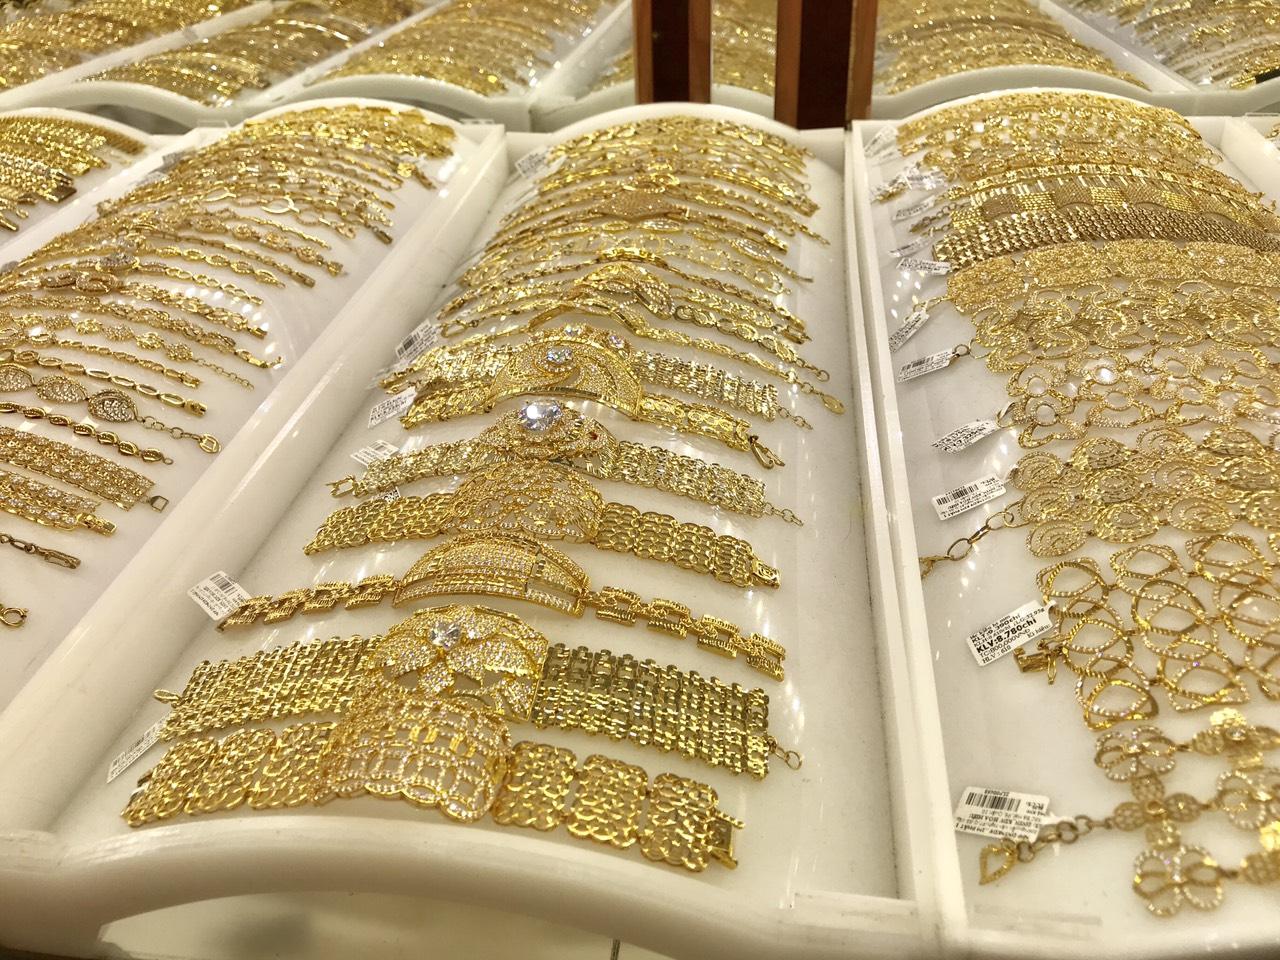 Giá vàng hôm nay 20/4: Vàng miếng SJC quay đầu giảm 200.000 đồng/lượng - Ảnh 1.